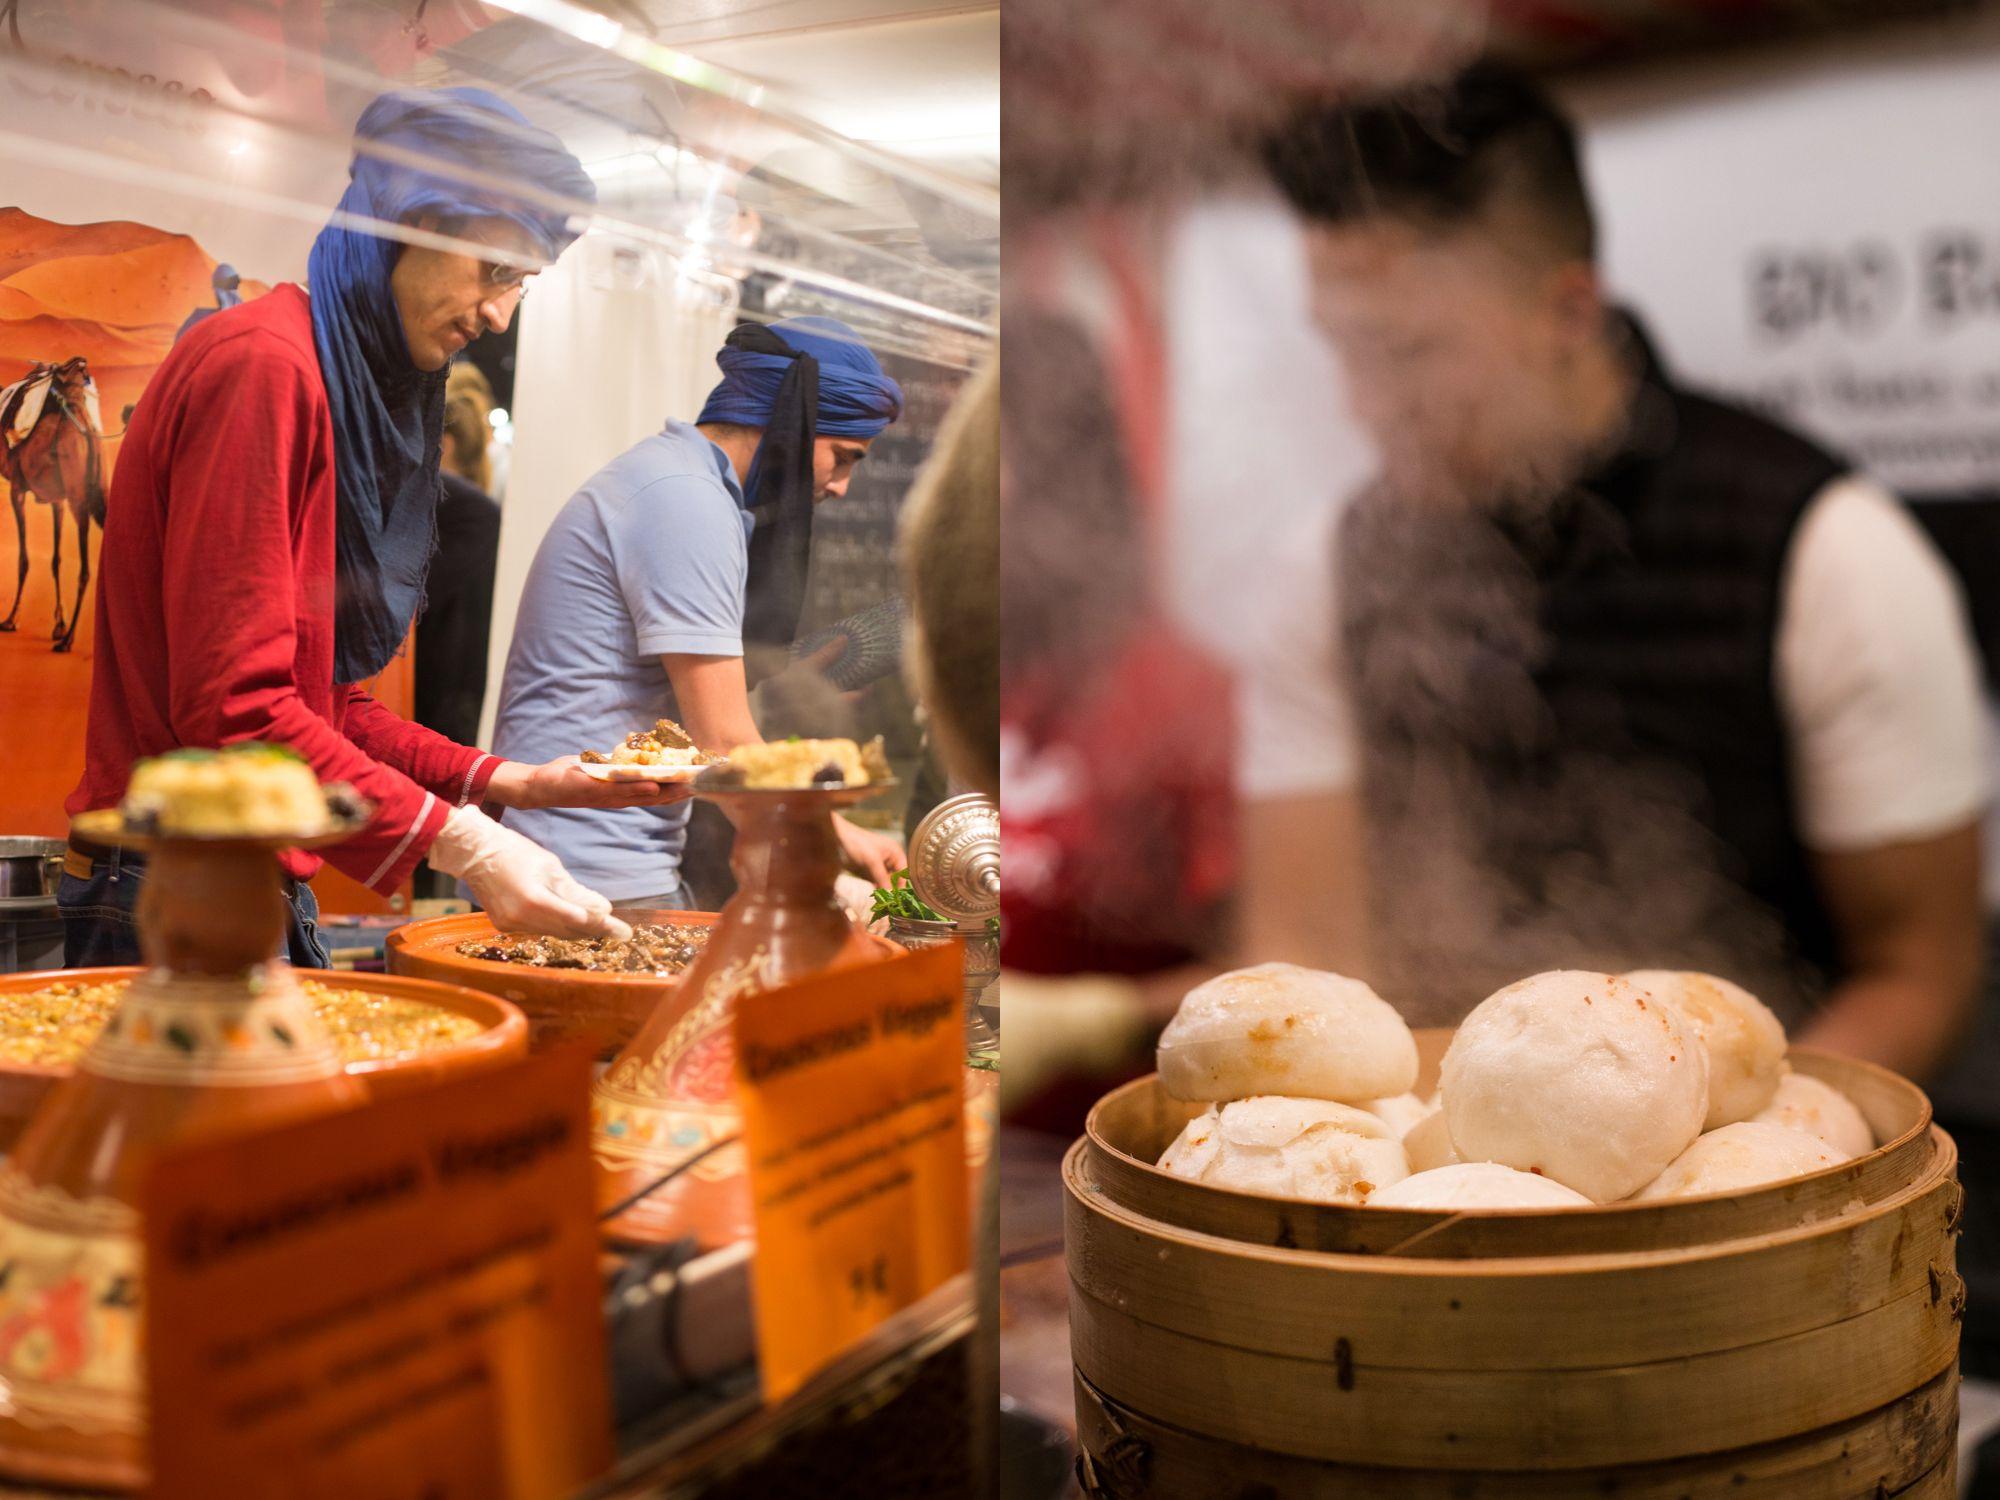 על לחמניות מאודות נהדרות במילוי בשר חזיר, שוק אוכל הרחוב במרקטהאלה. טל סיון-צפורין